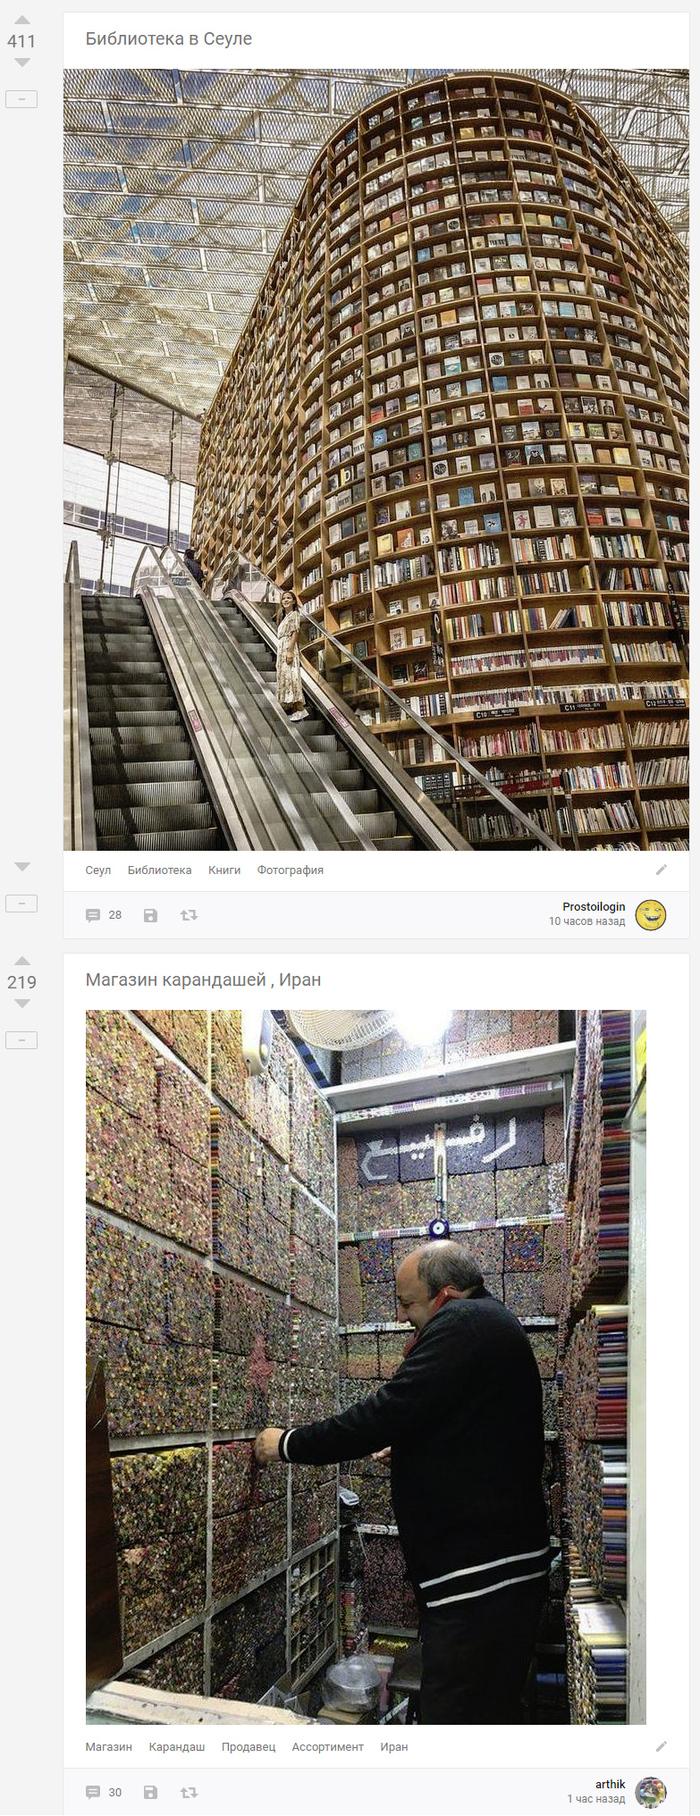 Совпадение Совпадение, Почты, Библиотека, Магазин, Длиннопост